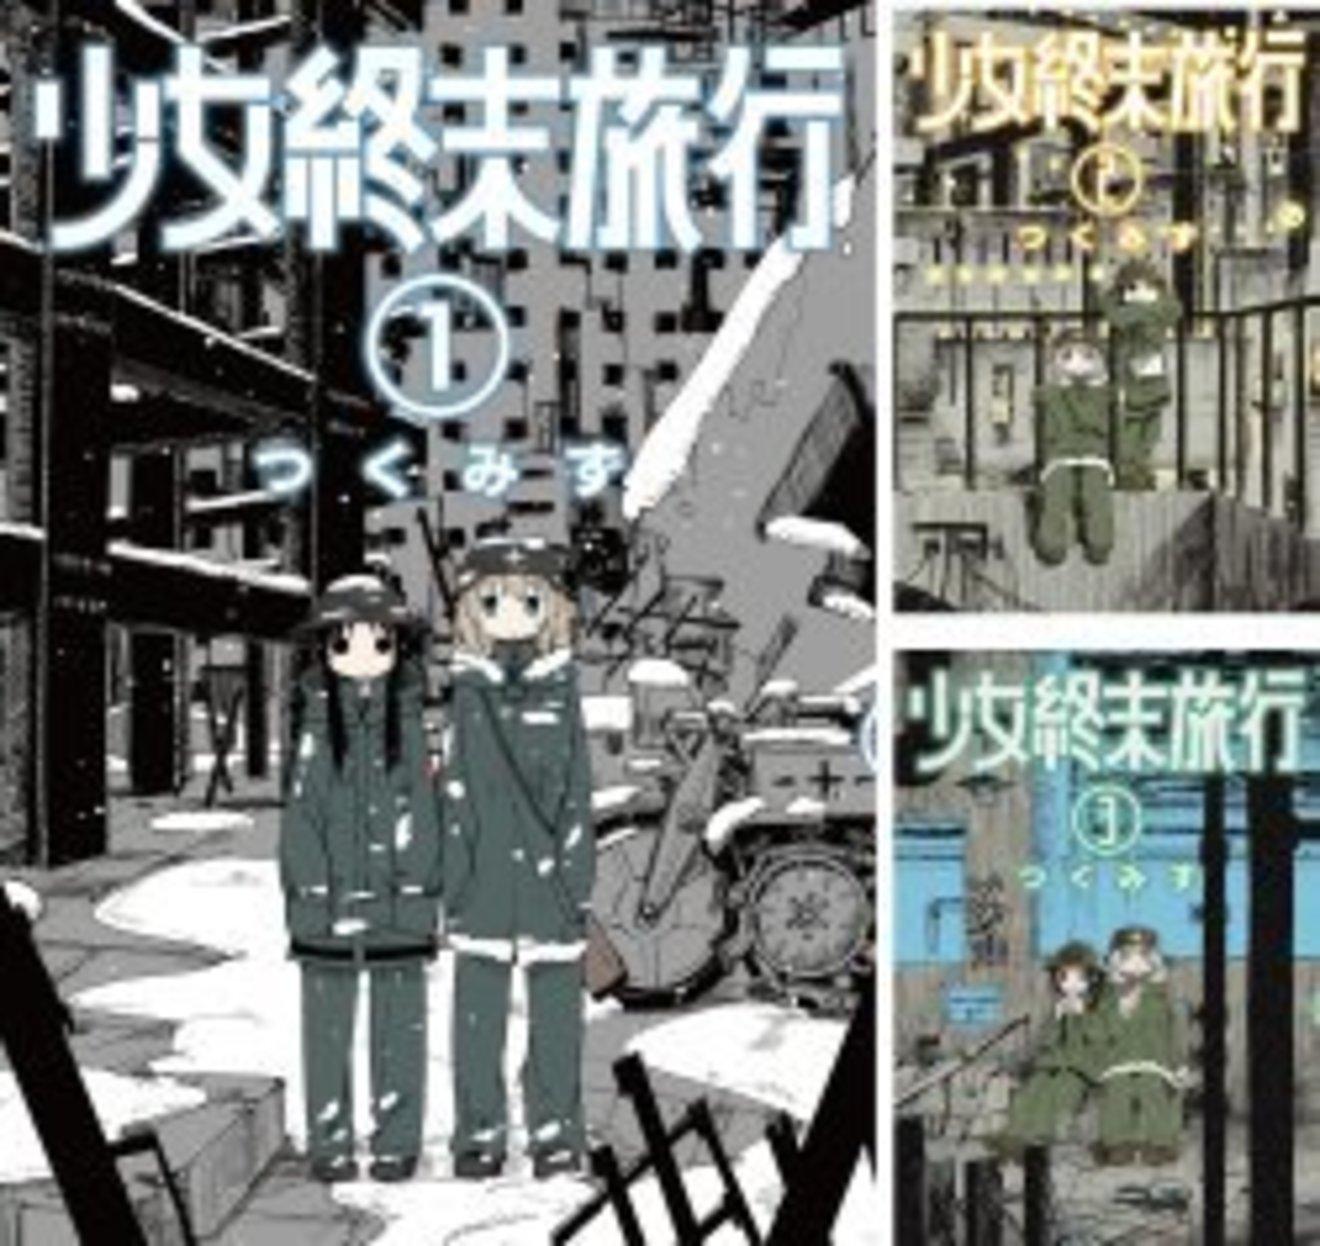 アニメ化漫画『少女終末旅行』を最終6巻まで全巻ネタバレ紹介!